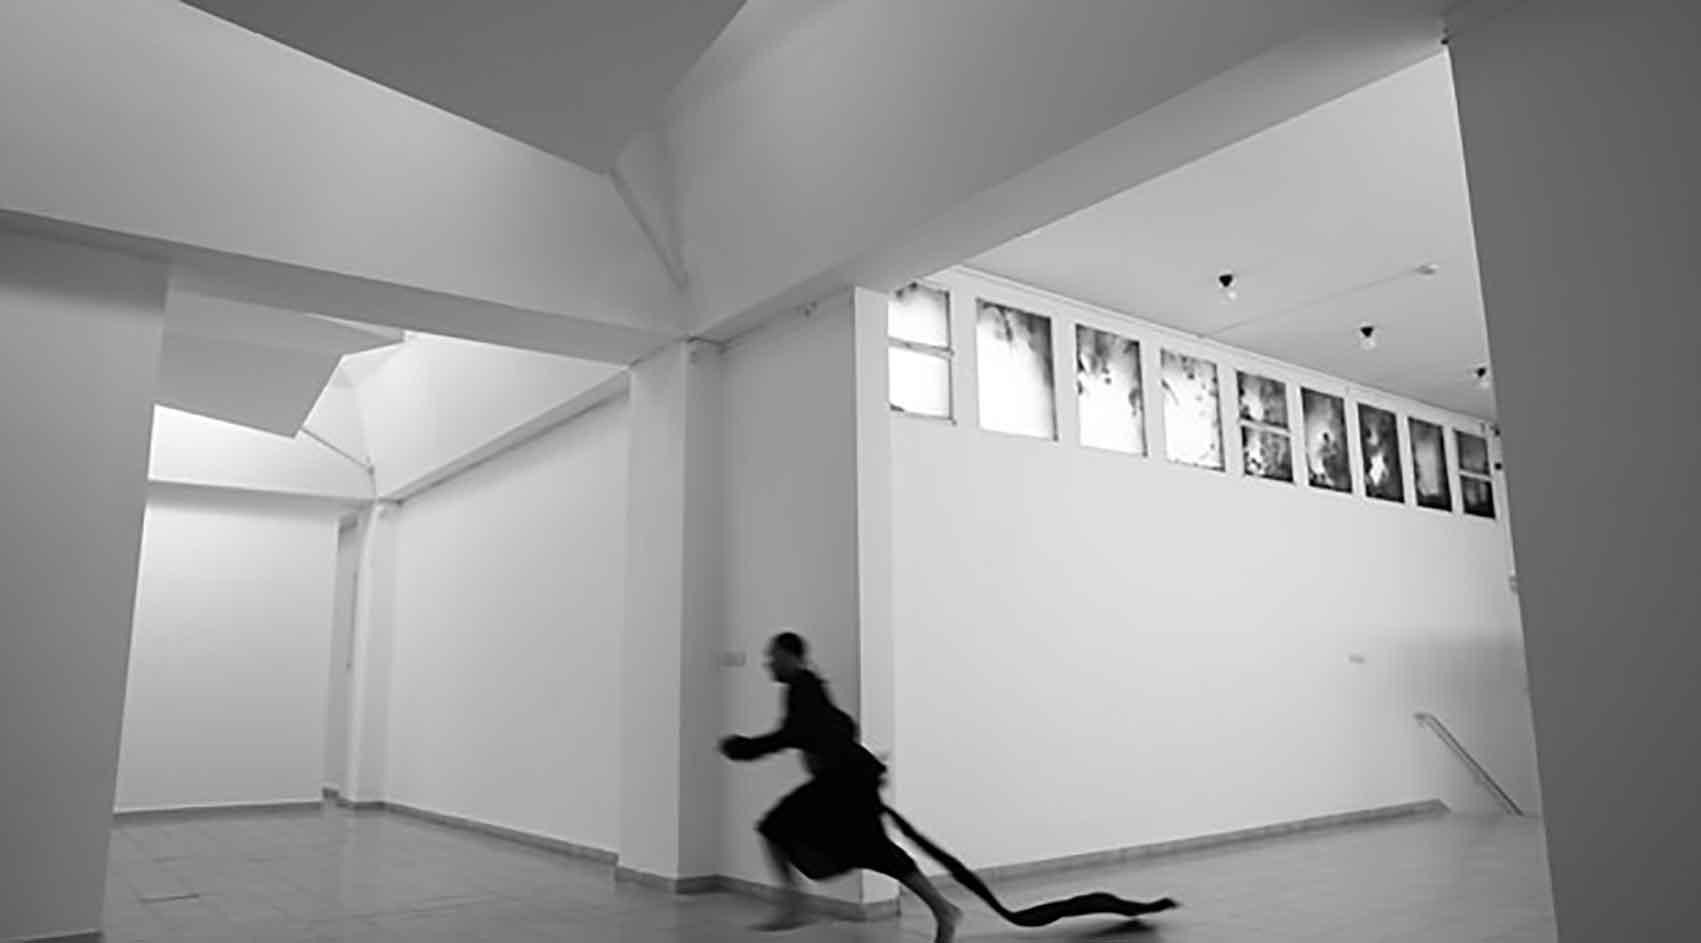 גרגורי אבו -Gregory-Abou-Performance-20-24-May-2020-Mishkan-Museum-of-Art-Ein-Harod